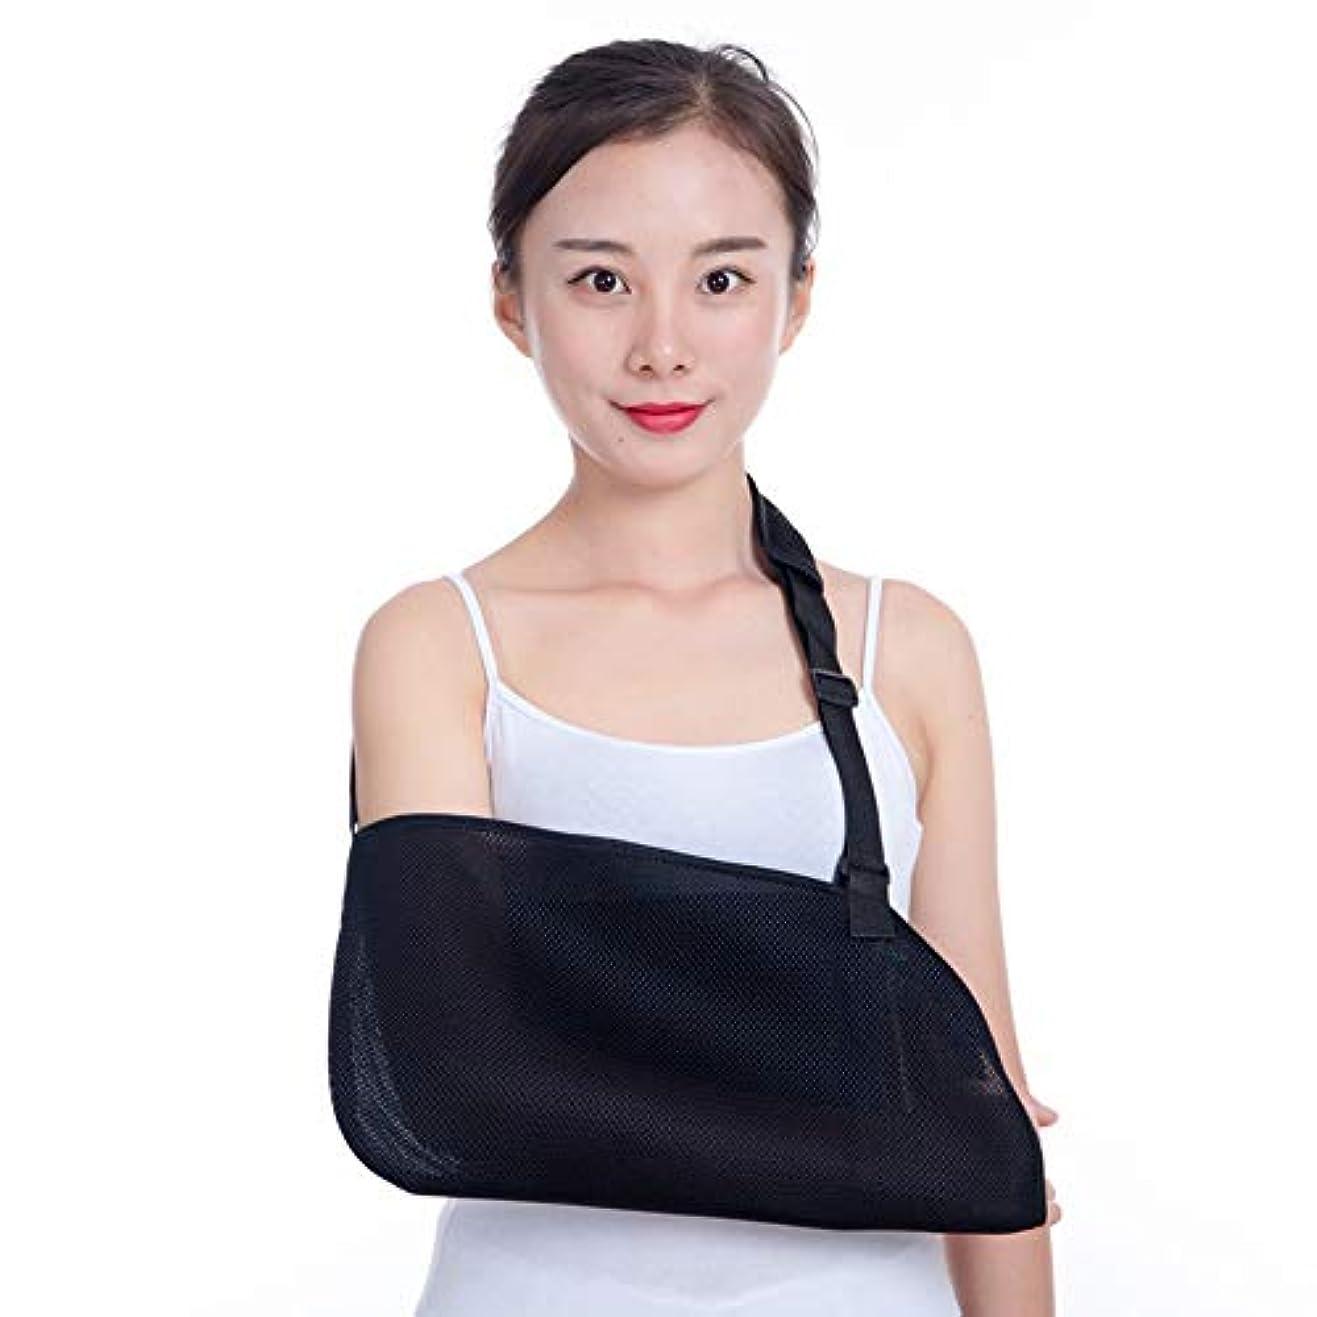 ナイロン避ける事務所壊れた手首の肘固定用の成人用通気性メッシュ調節可能な前腕回旋腱板サポート軽量快適のためのアームスリングブレース,Black